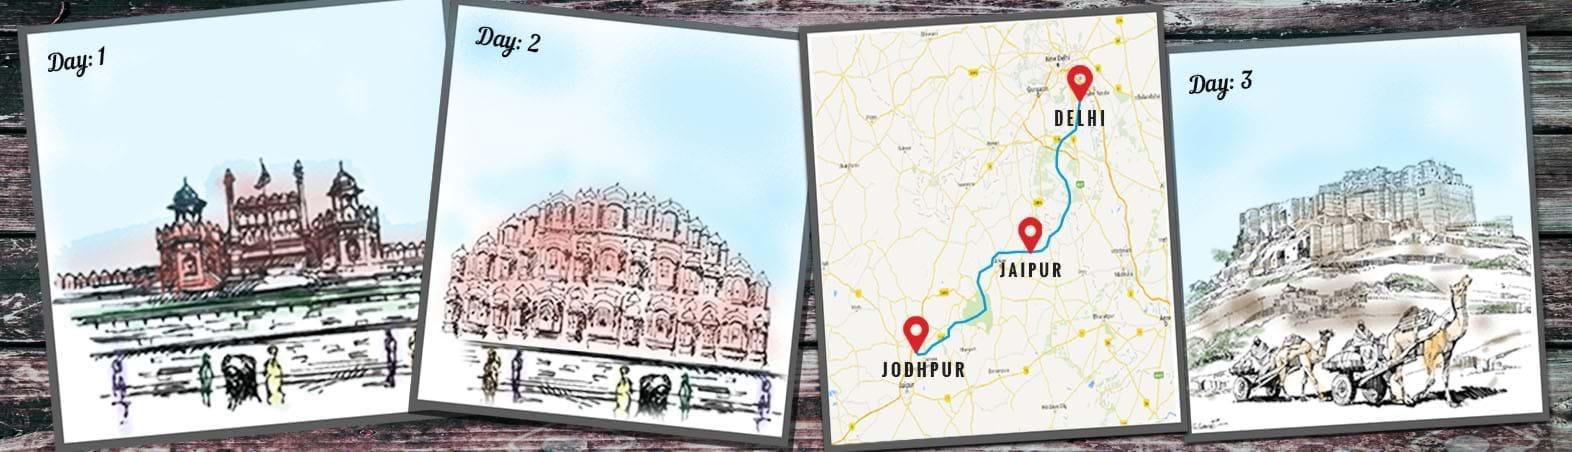 Delhi-Jaipur-Jodhpur Circuit